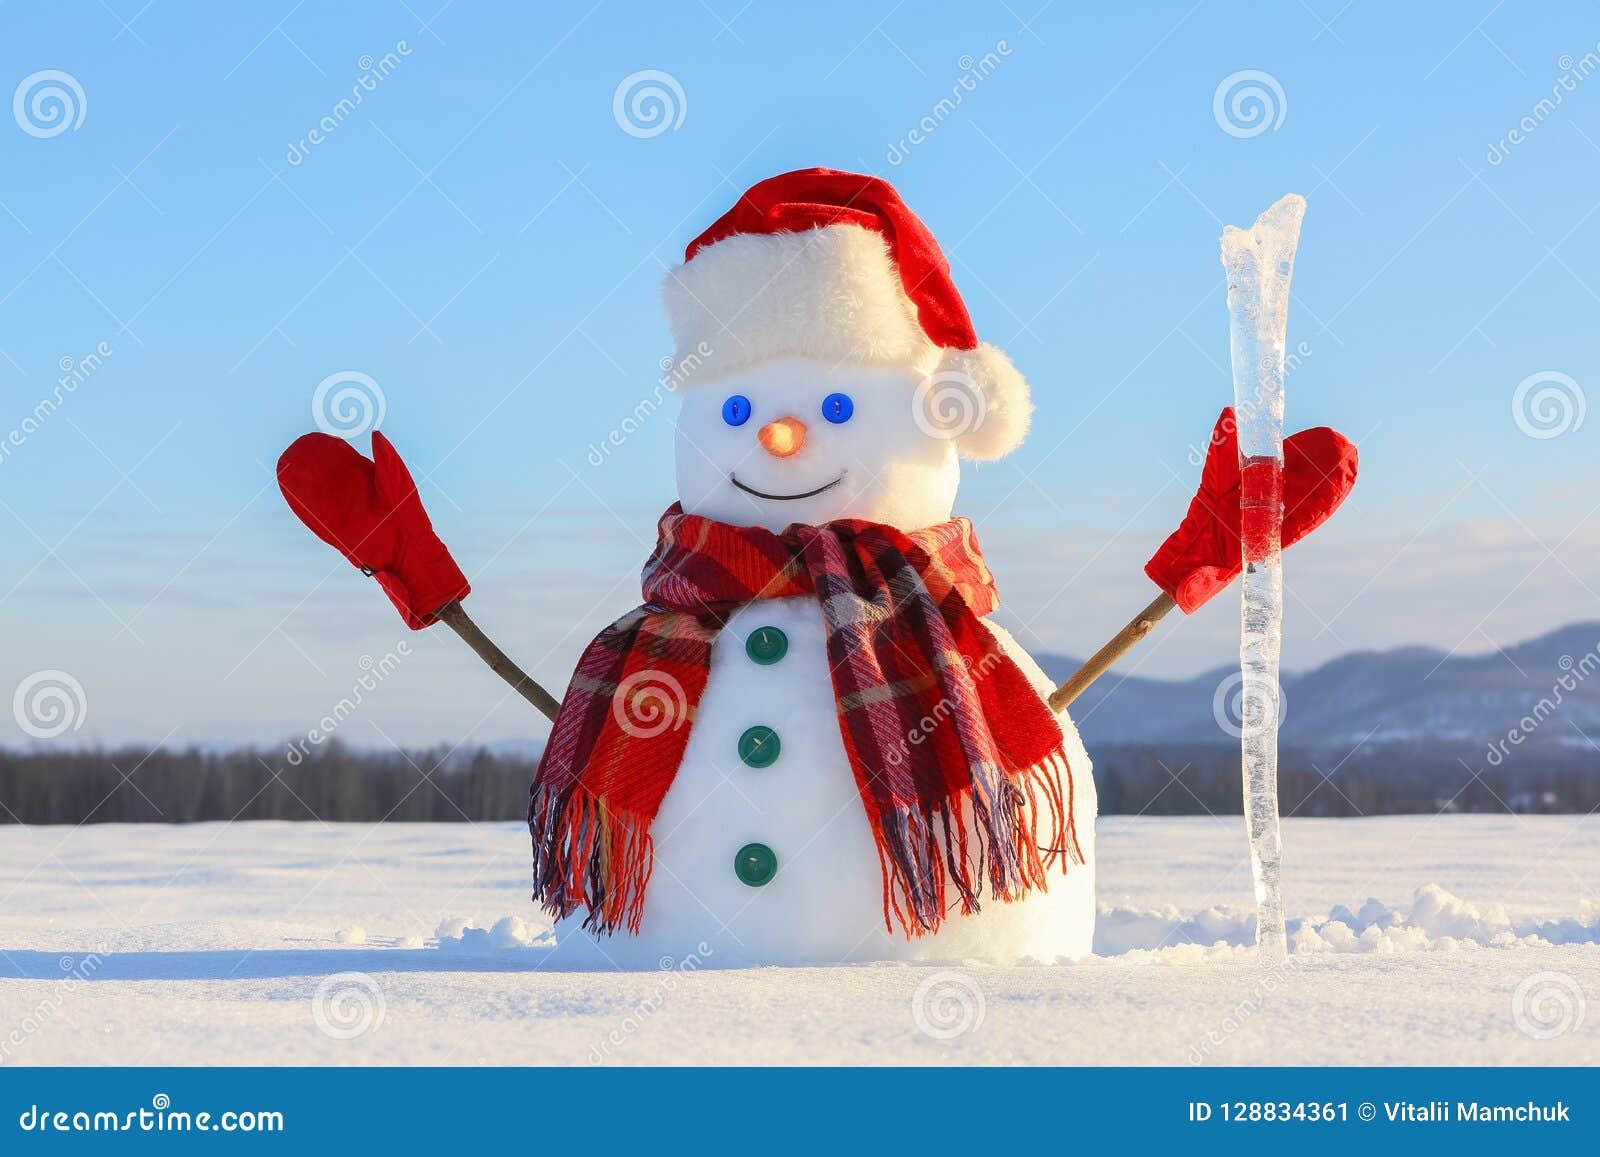 Синь наблюдала усмехаясь снеговик в красной шляпе, перчатках и шарф шотландки держит сосульку в руке Радостное холодное утро зимы